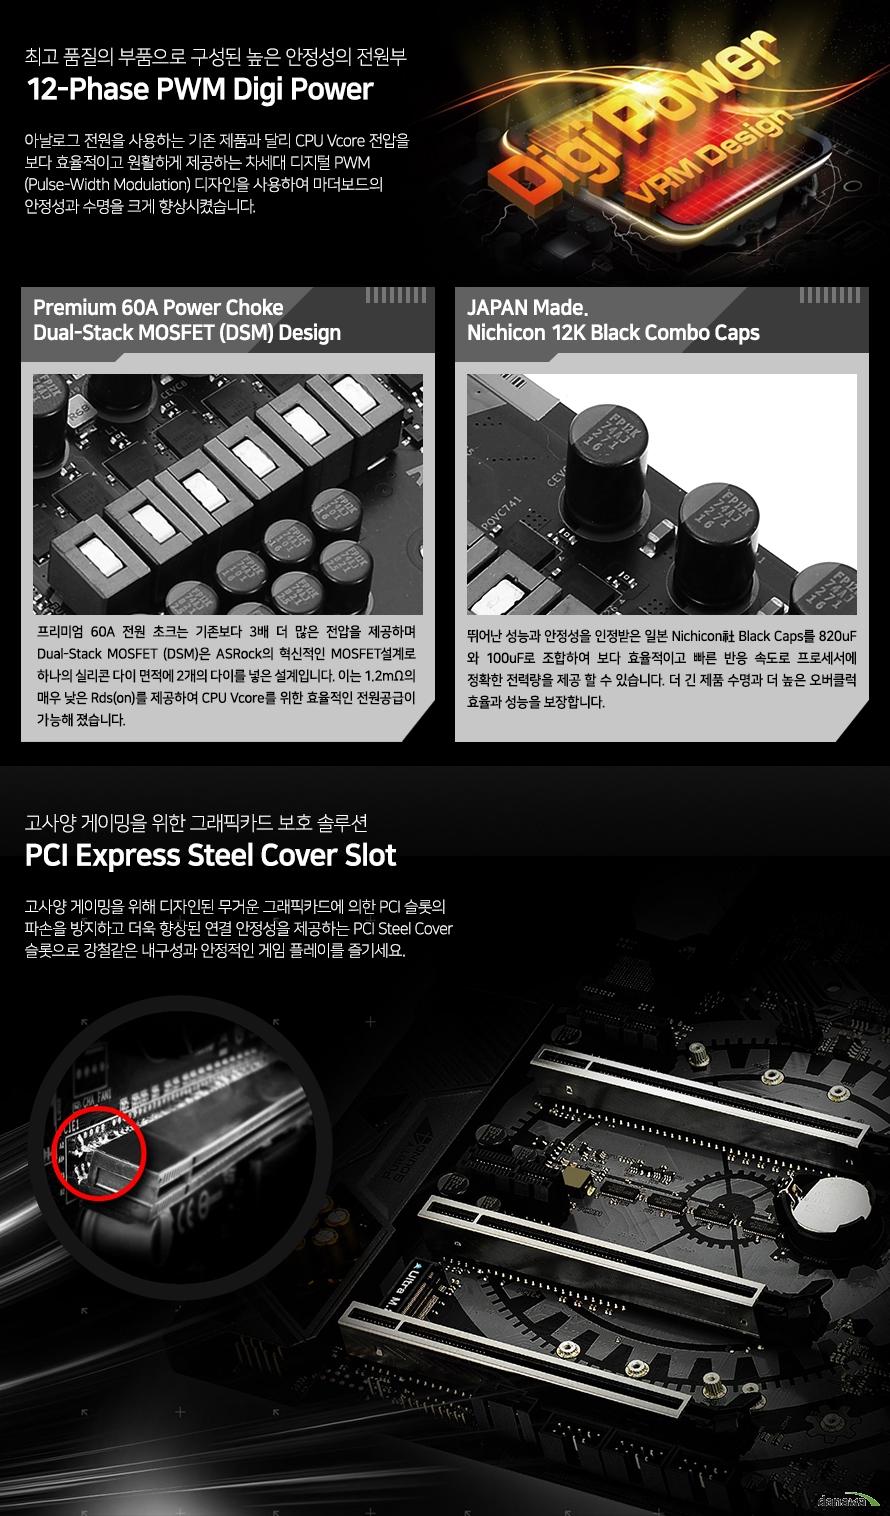 최고 품질의 부품으로 구성된 높은 안정성의 전원부            12페이즈 pwm 디지 파워                        아날로그 전원을 사용하는 기존 제품과 달리 cpu v코어 전압을            보다 효율적이고 원활하게 제공하는 차세대 디지털 pwm 디자인을 사용하여 마더보드의            안정성과 수명을 크게 향상 시켰습니다.                        프리미엄 60암페어 파워 초크            듀얼 스택 모스펫 디자인                         프리미엄 60암페어 전원 초크는 기존보다 3배 더 많은 전압을 제공하며             듀얼 스택 모스펫은 애즈락의 혁신적인 모스펫 설계로 하나의 실리콘 다이 면적에             2개의 다이를 넣은 설계입니다. 이는 1.2미터옴의 매우 낮은 RDS를 제공하며            CPU V코어를 위한 효율적인 전원공급이 가능해 졌습니다.                        재팬 메이드 니치콘 12k 블랙 콤보 캡스                        뛰어난 안정성을 인정받은 일본 니치콘사 블랙 캡스를 820 마이크로패럿과            100마이크로패럿으로 조합하여 보다 효율적이고 빠른 반응 속도로 프로세서에 정확한            전력량을 제공 할 수 있습니다. 더 긴 제품 수명과 더 높은 오버클럭 효율과 성능을            보장합니다.                        고사양 게이밍을 위한 그래픽카드 보호 솔루션            pci익스프레스 스틸 커버 슬롯                        고사양 게이밍을 위해 디자인된 무거운 그래픽카드에 의한 pci 슬롯의 파손을 방지하고            더욱 향상된 연결 안정성을 제공하는 pci 스틸 커버 슬롯으로 강철같은 내구성과            안정적인 게임 플레이를 즐기세요.